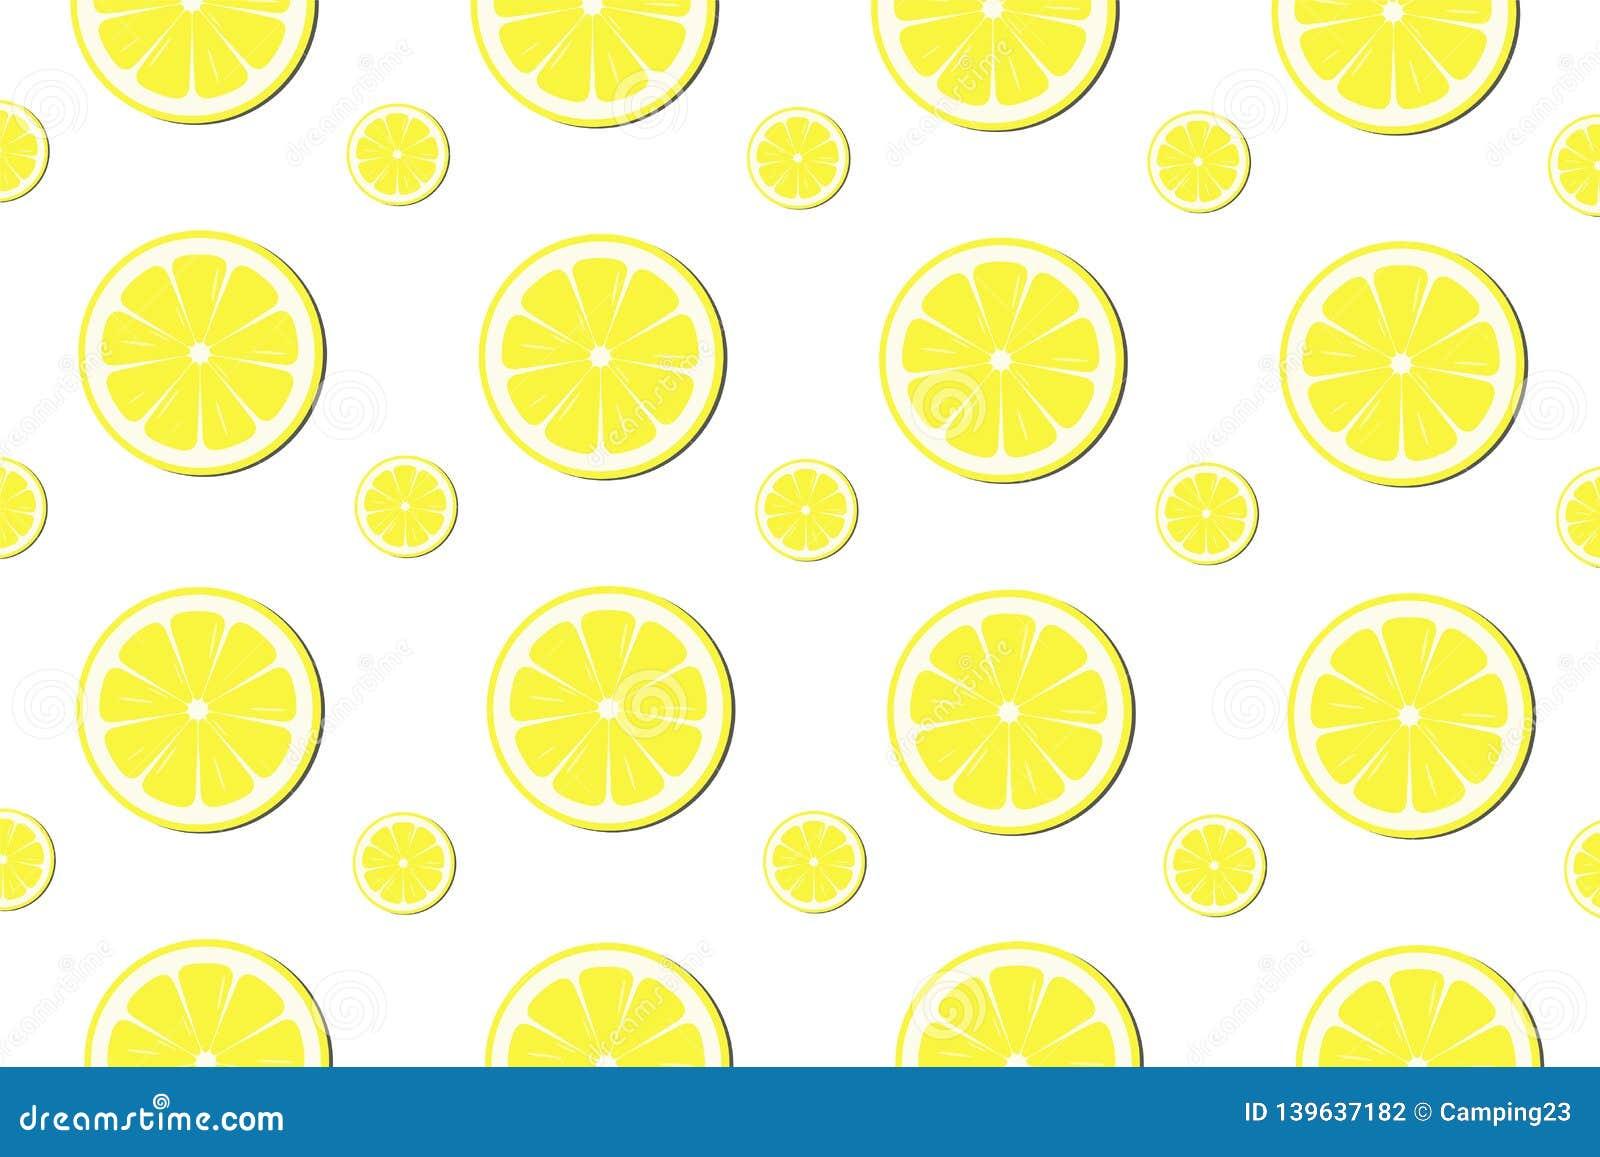 Lemon slice pattern background - Vector